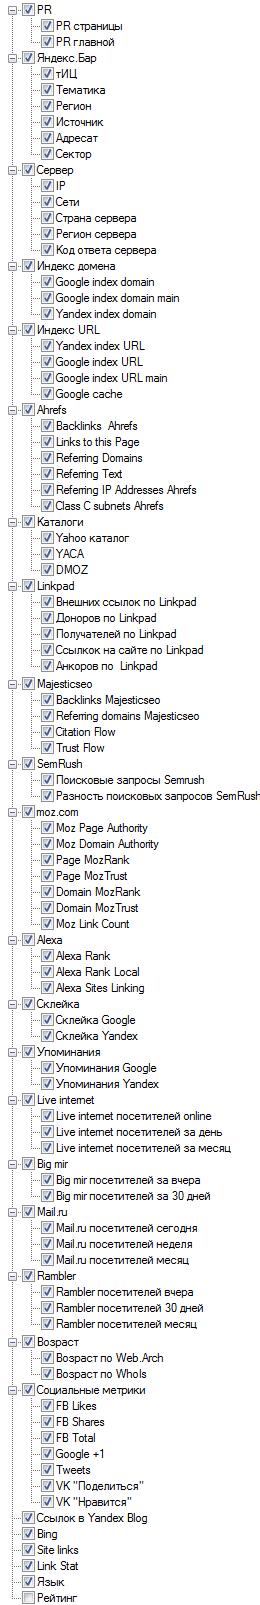 Массовая проверка ТИЦ и PR Netpeak-Checker (список определяемых параметров)